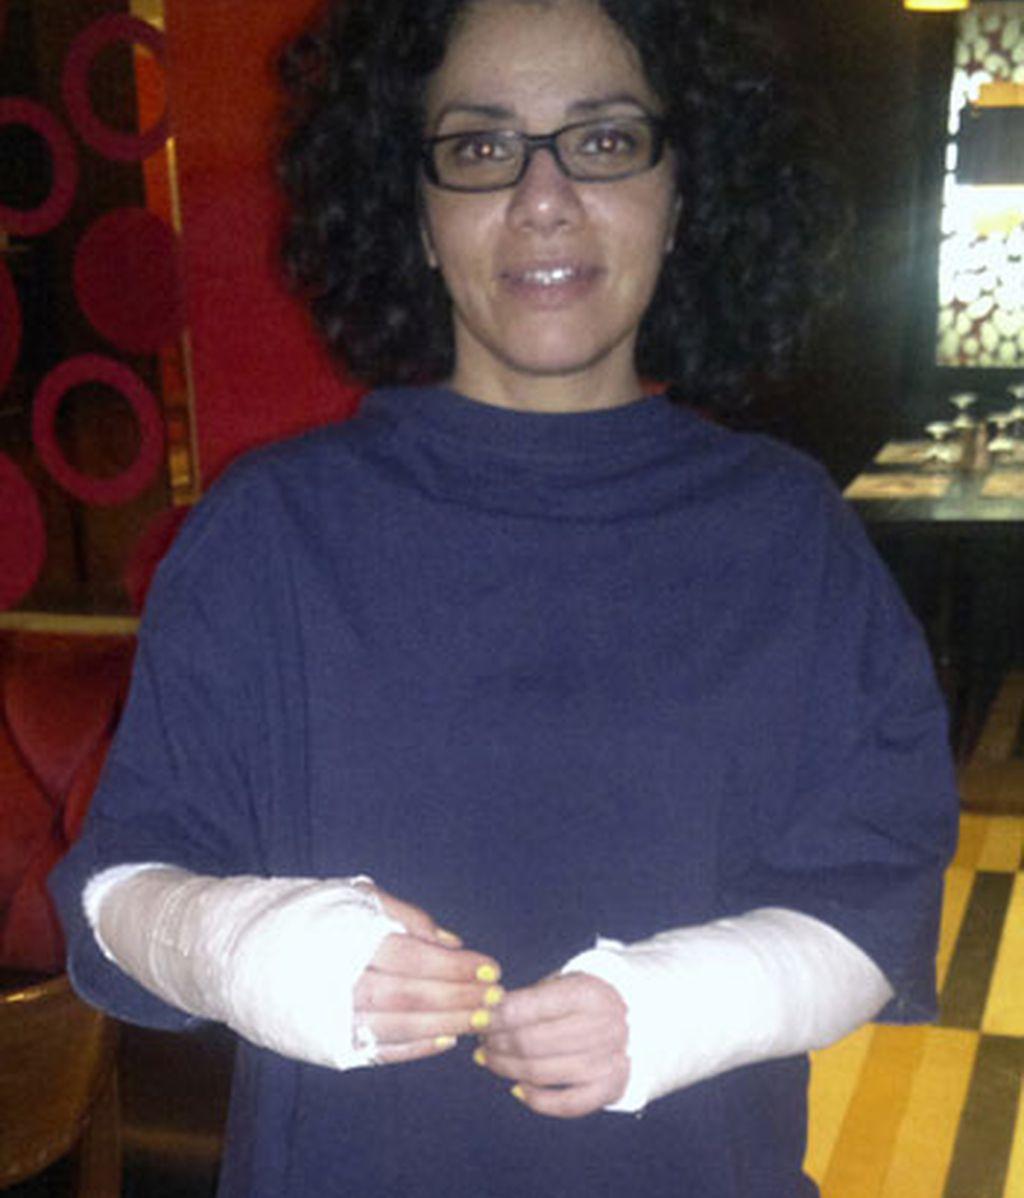 Reportera atacada sexualmente egipto